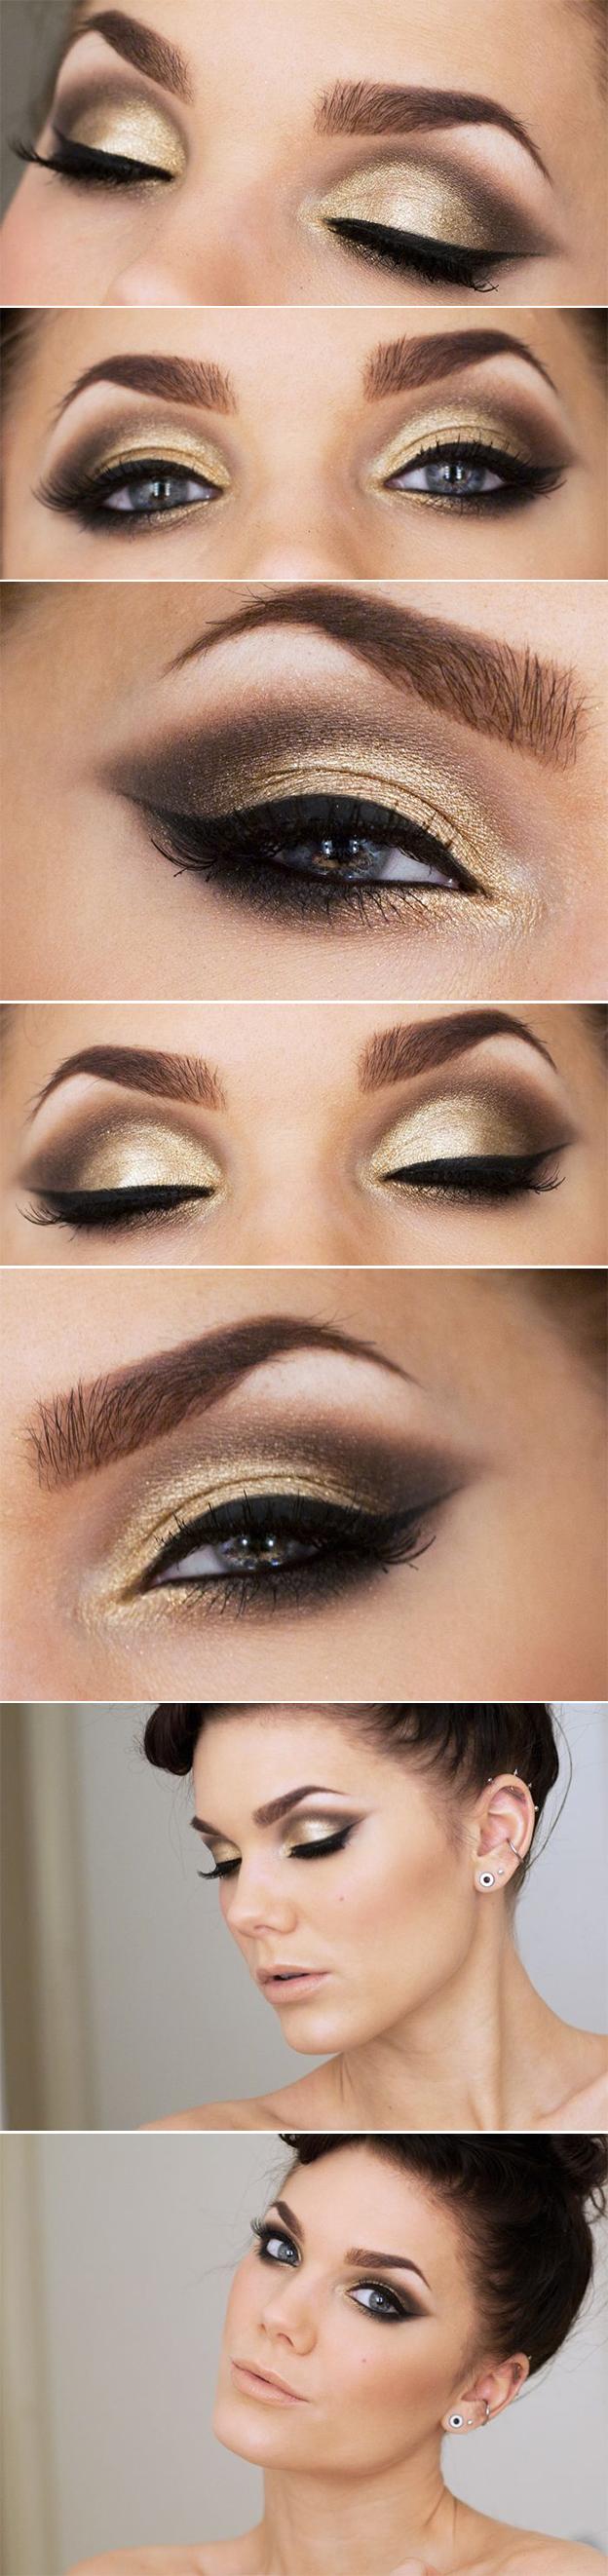 макияж арабский для голубых глаз